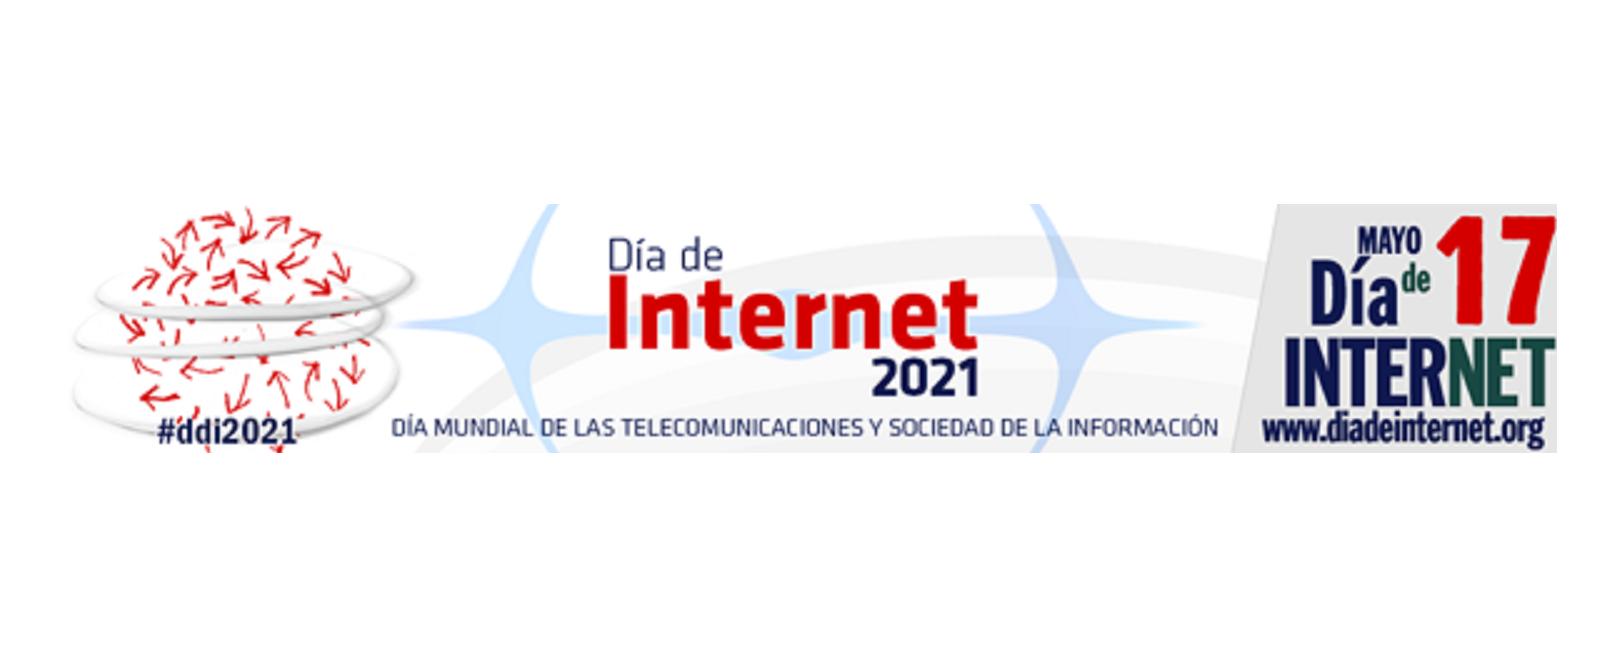 Logo Día da Internet 2021.